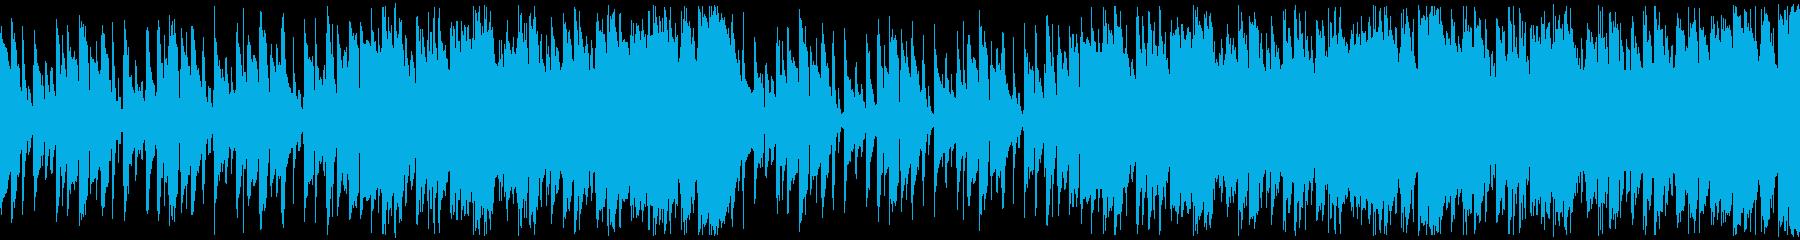 Youtube・楽しい夏のビーチ・ループの再生済みの波形